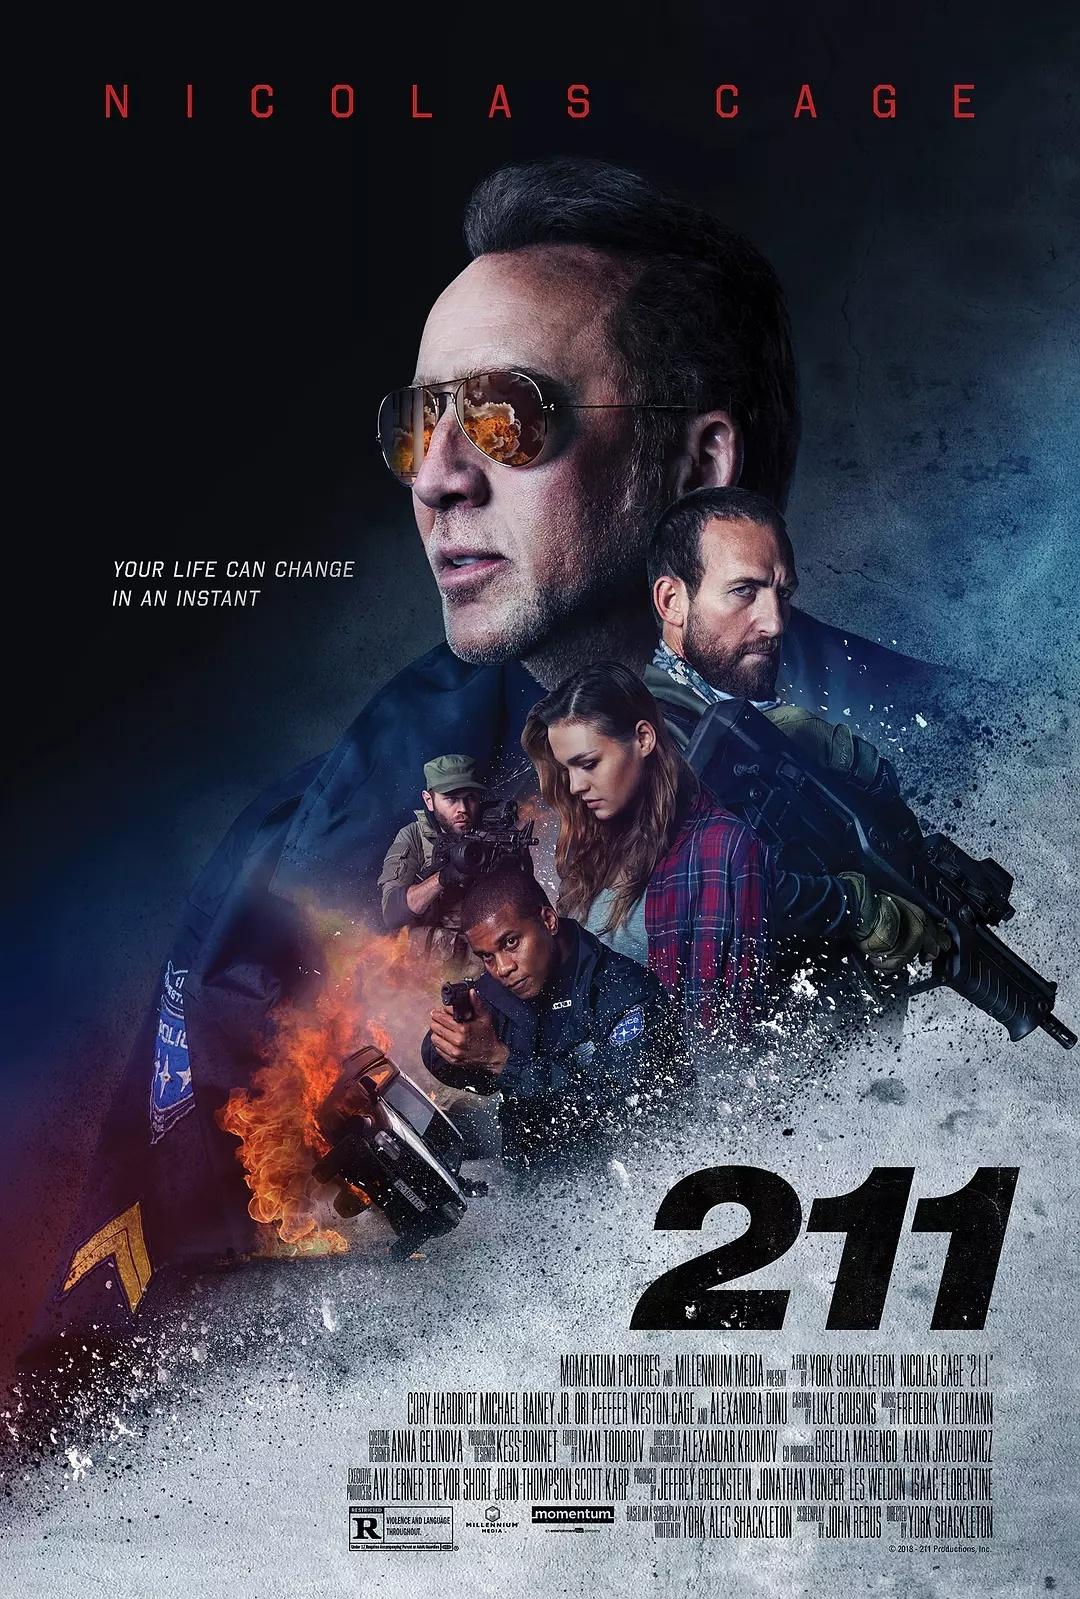 代码211 [尼古拉斯·凯奇]